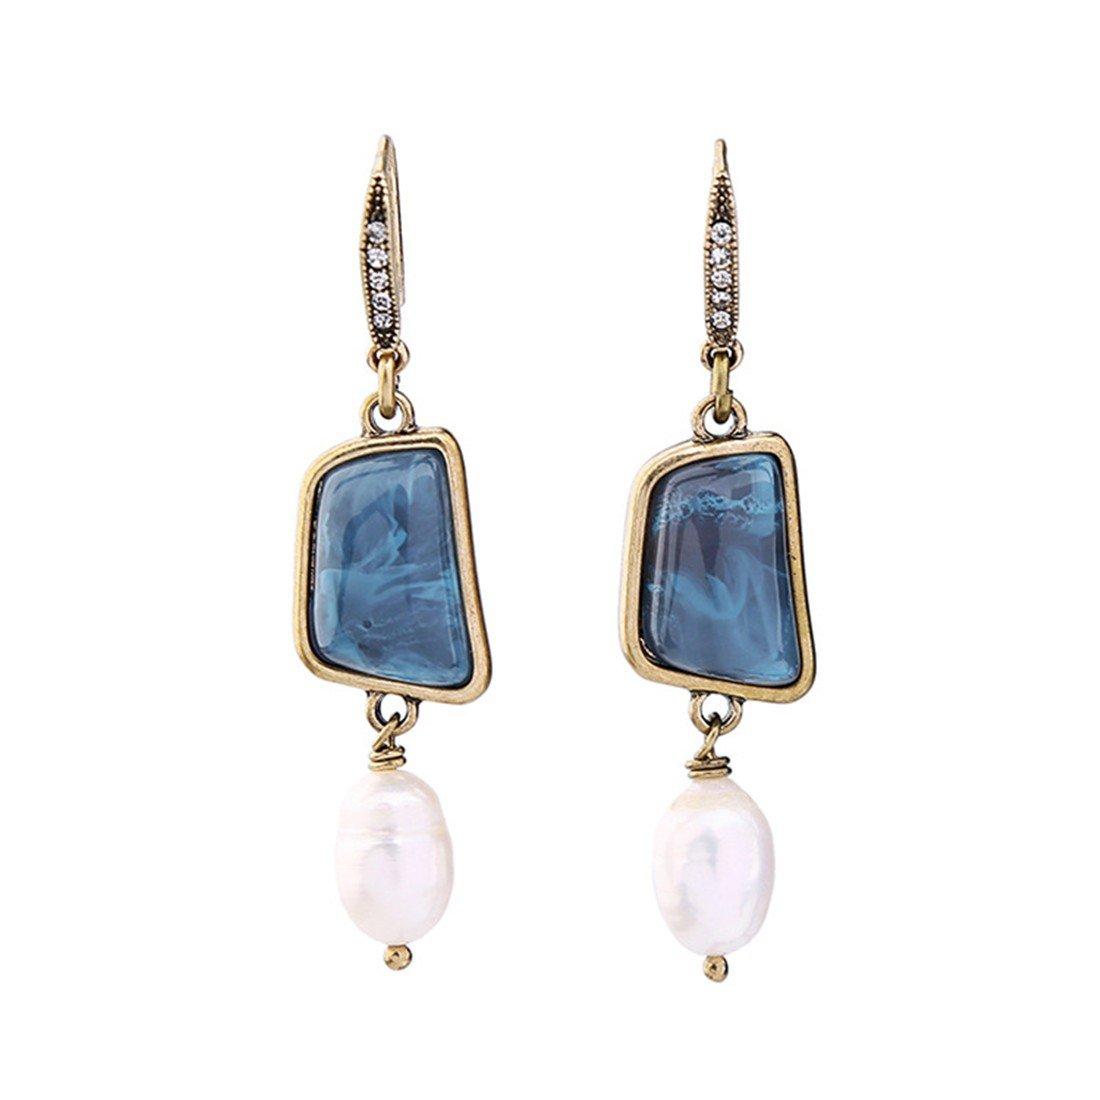 ball earrings clip on earrings ear cuffs dangle earrings earring jackets hoop earrings stud earrings Long diamond Pierced Earrings